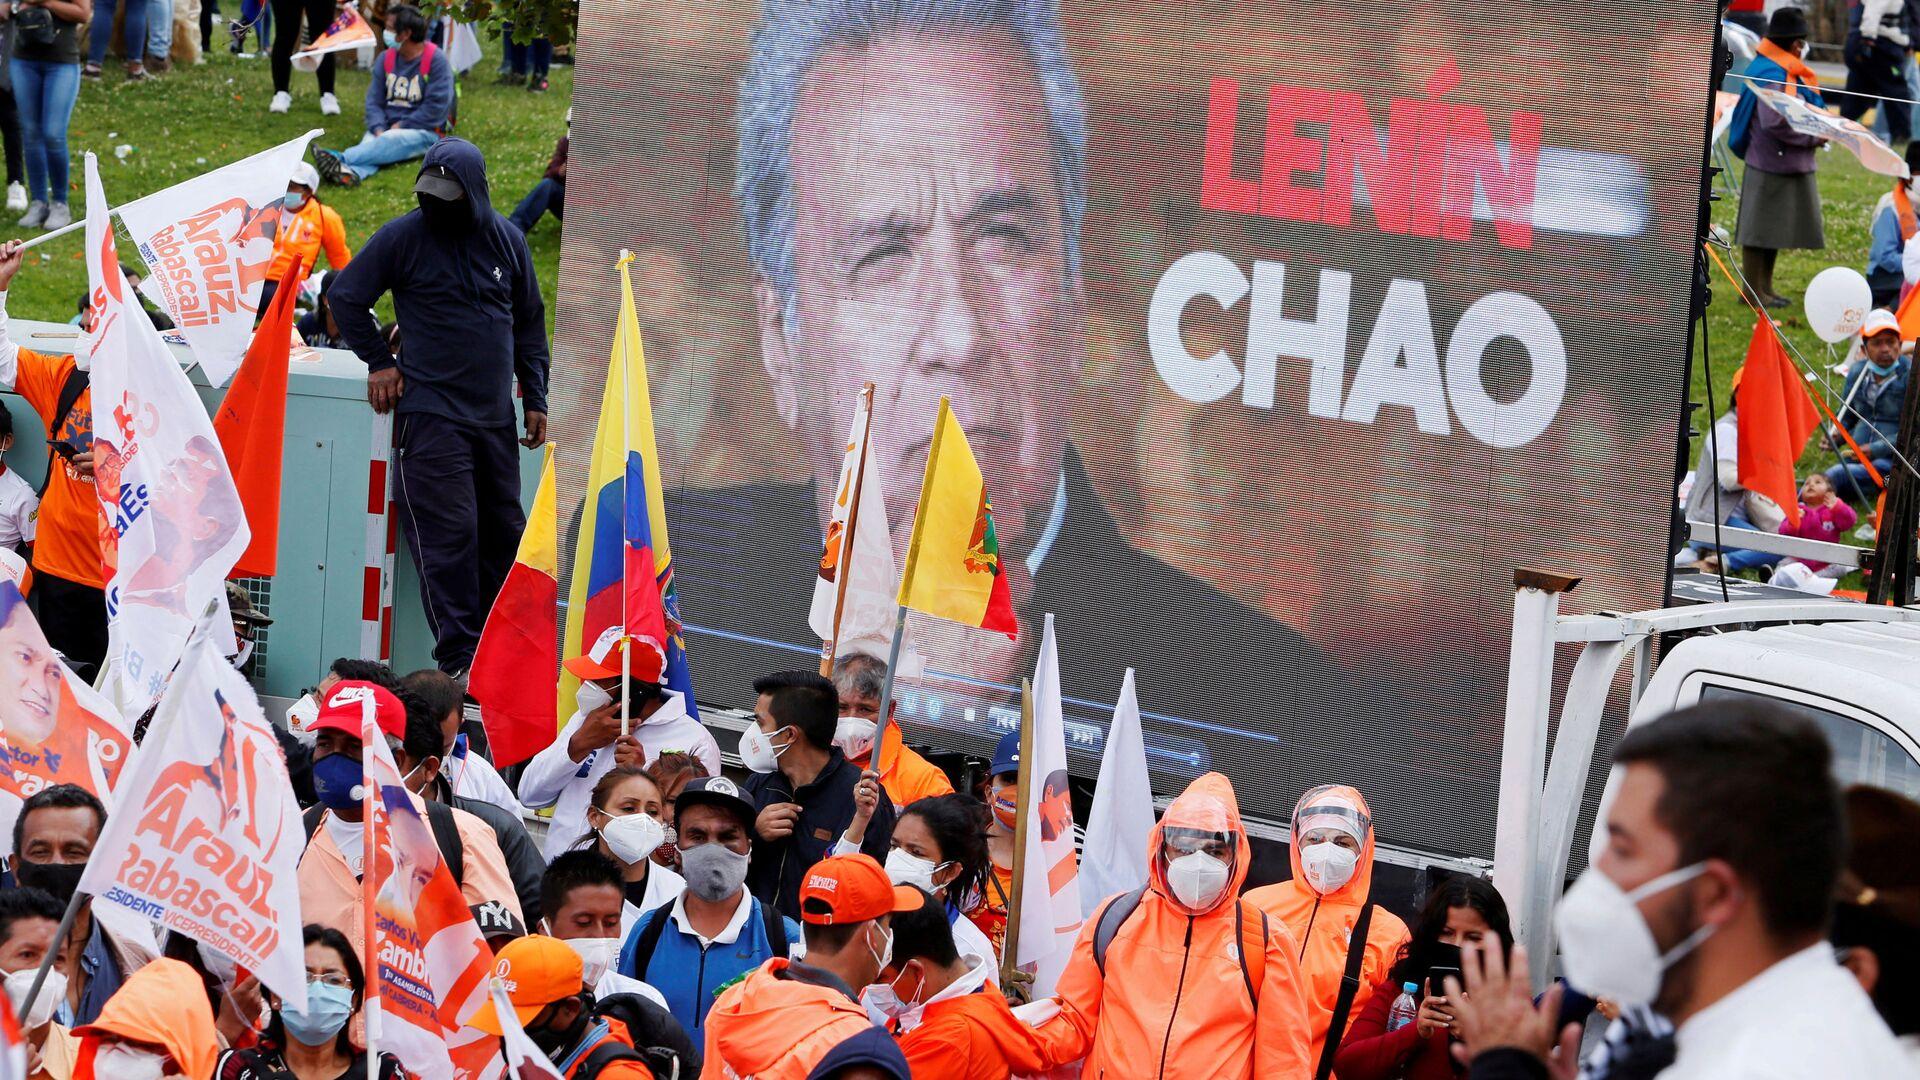 Una pantalla con la cara de Lenín Moreno en una manifestación de los partidarios de Andrés Arauz  - Sputnik Mundo, 1920, 09.02.2021